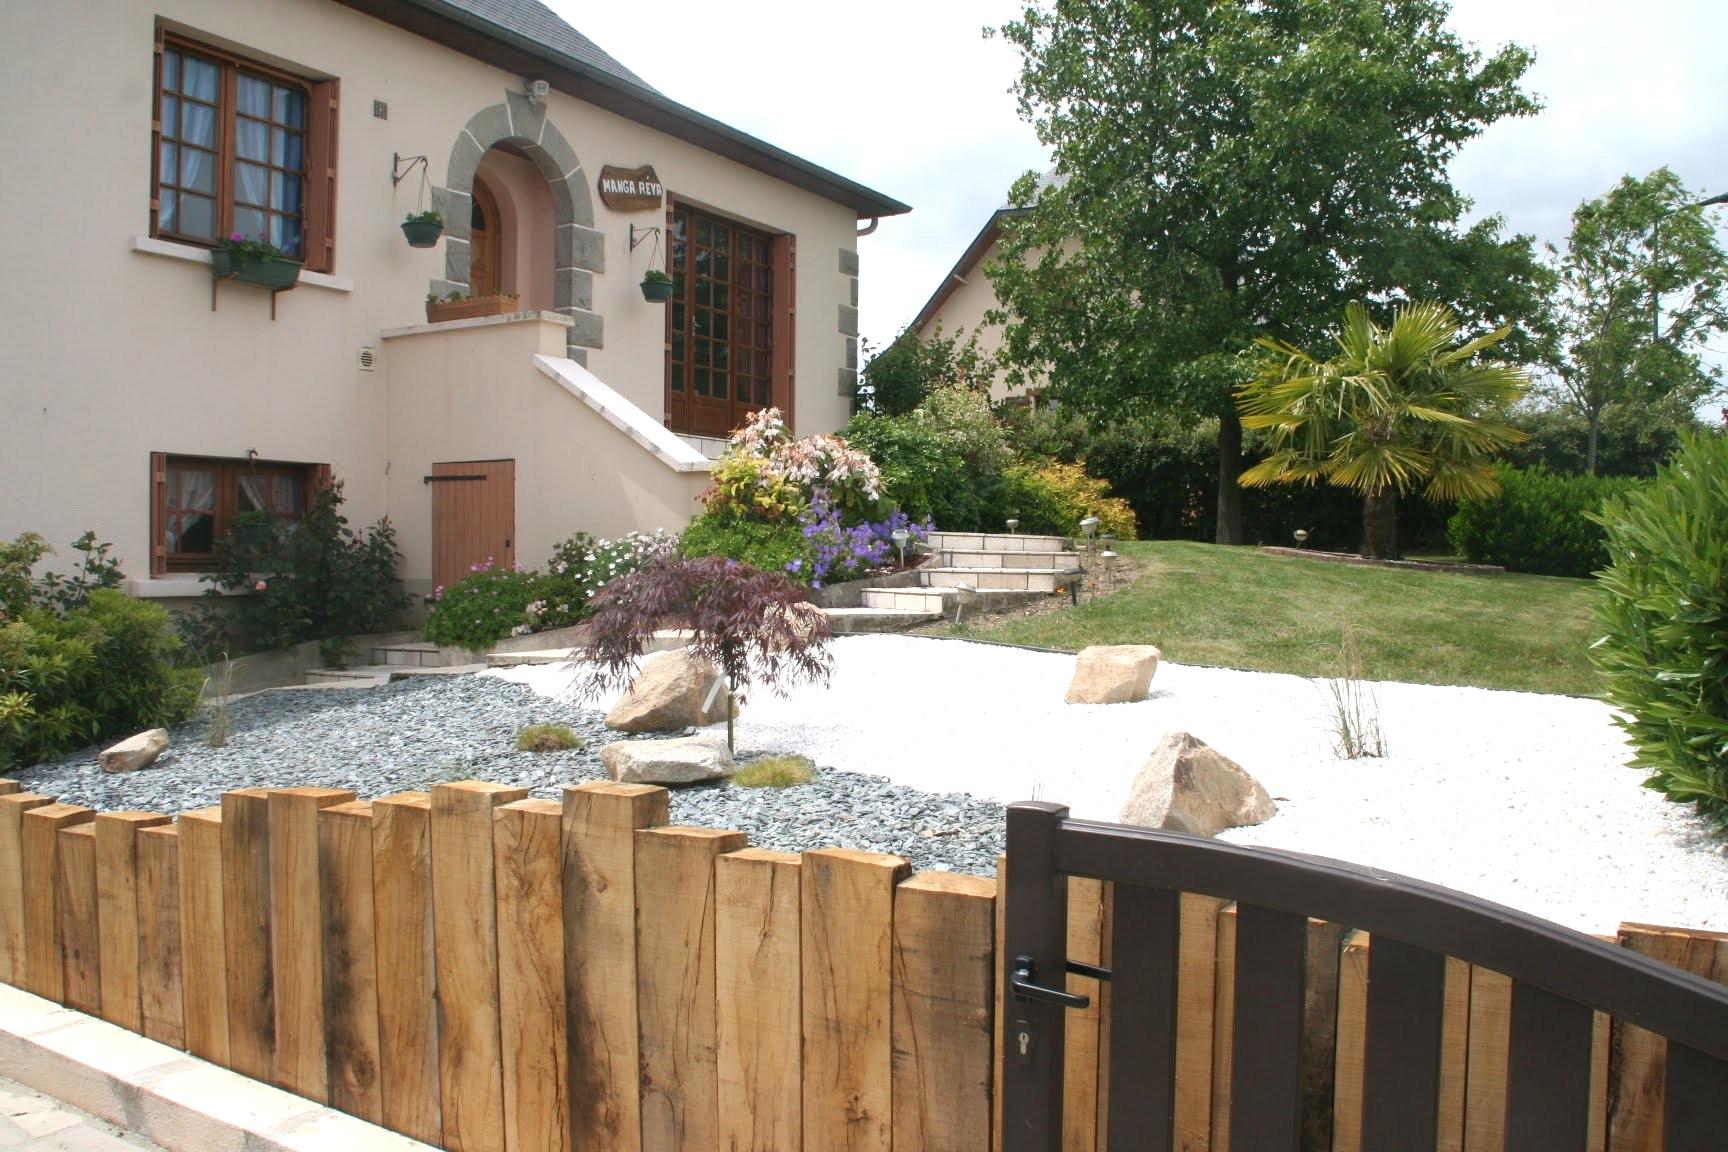 Amenagement Escalier Exterieur Maison Conception - Idees ... pour Comment Aménager Son Jardin Devant La Maison